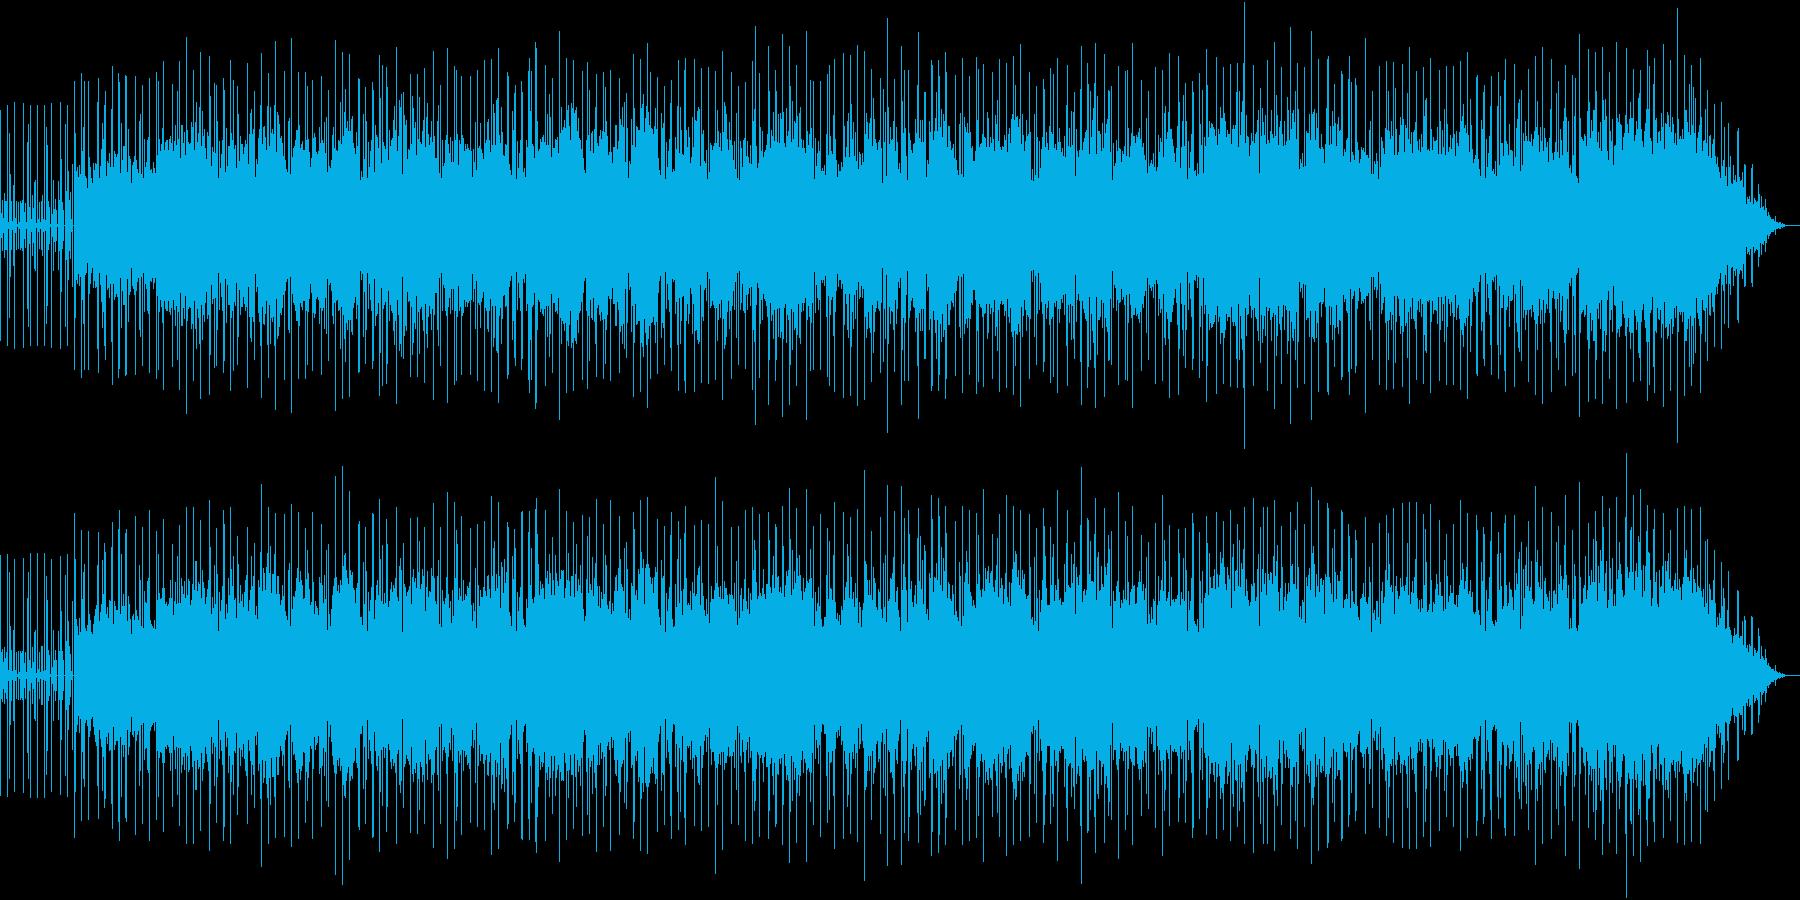 強く前進する雰囲気のフュージョンの再生済みの波形